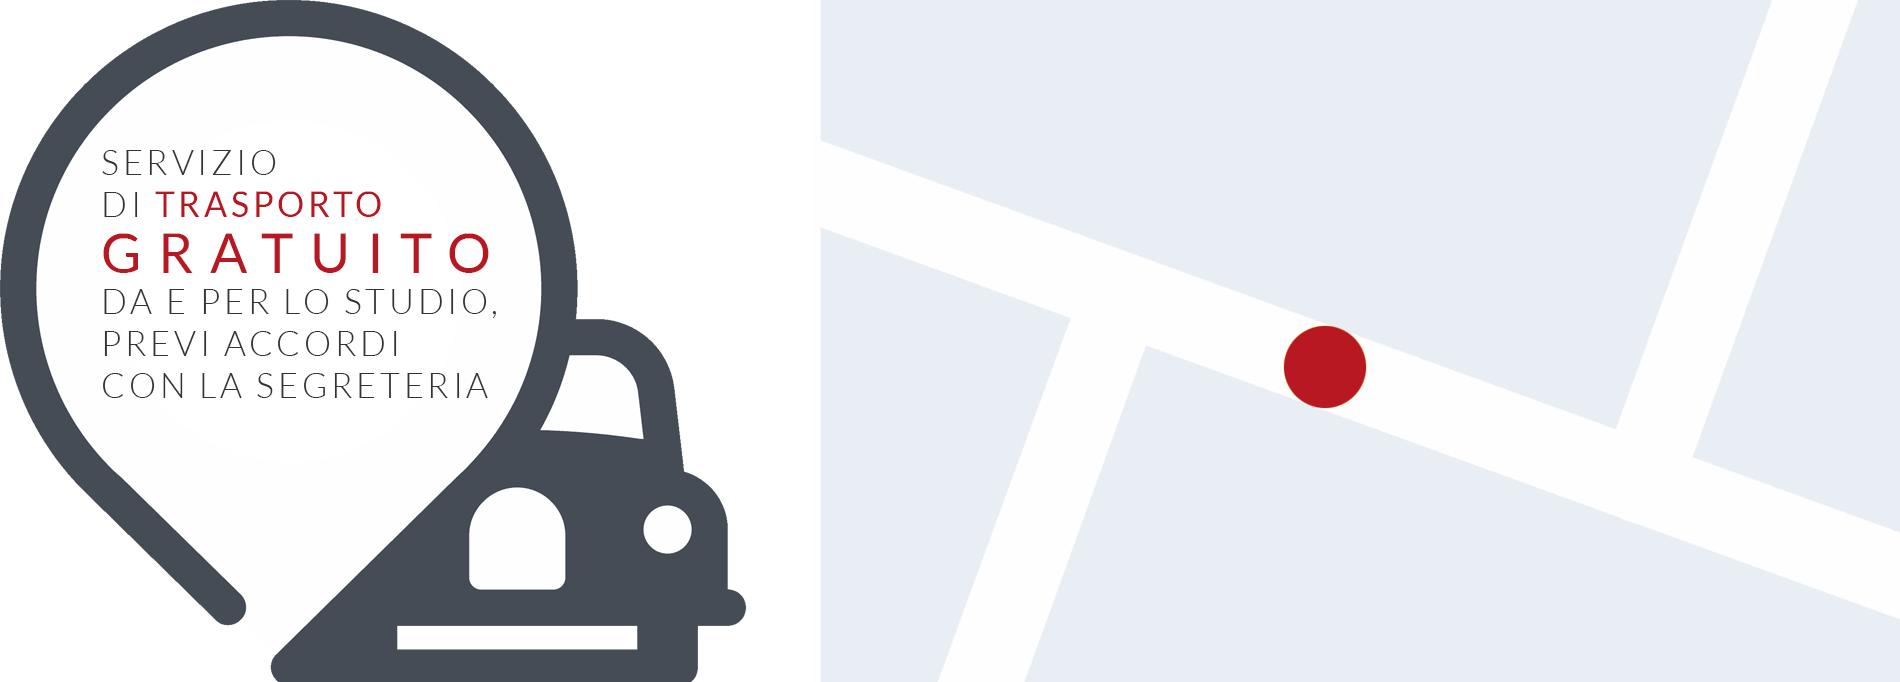 home-page-slider_1900x682-trasporto-gratuito